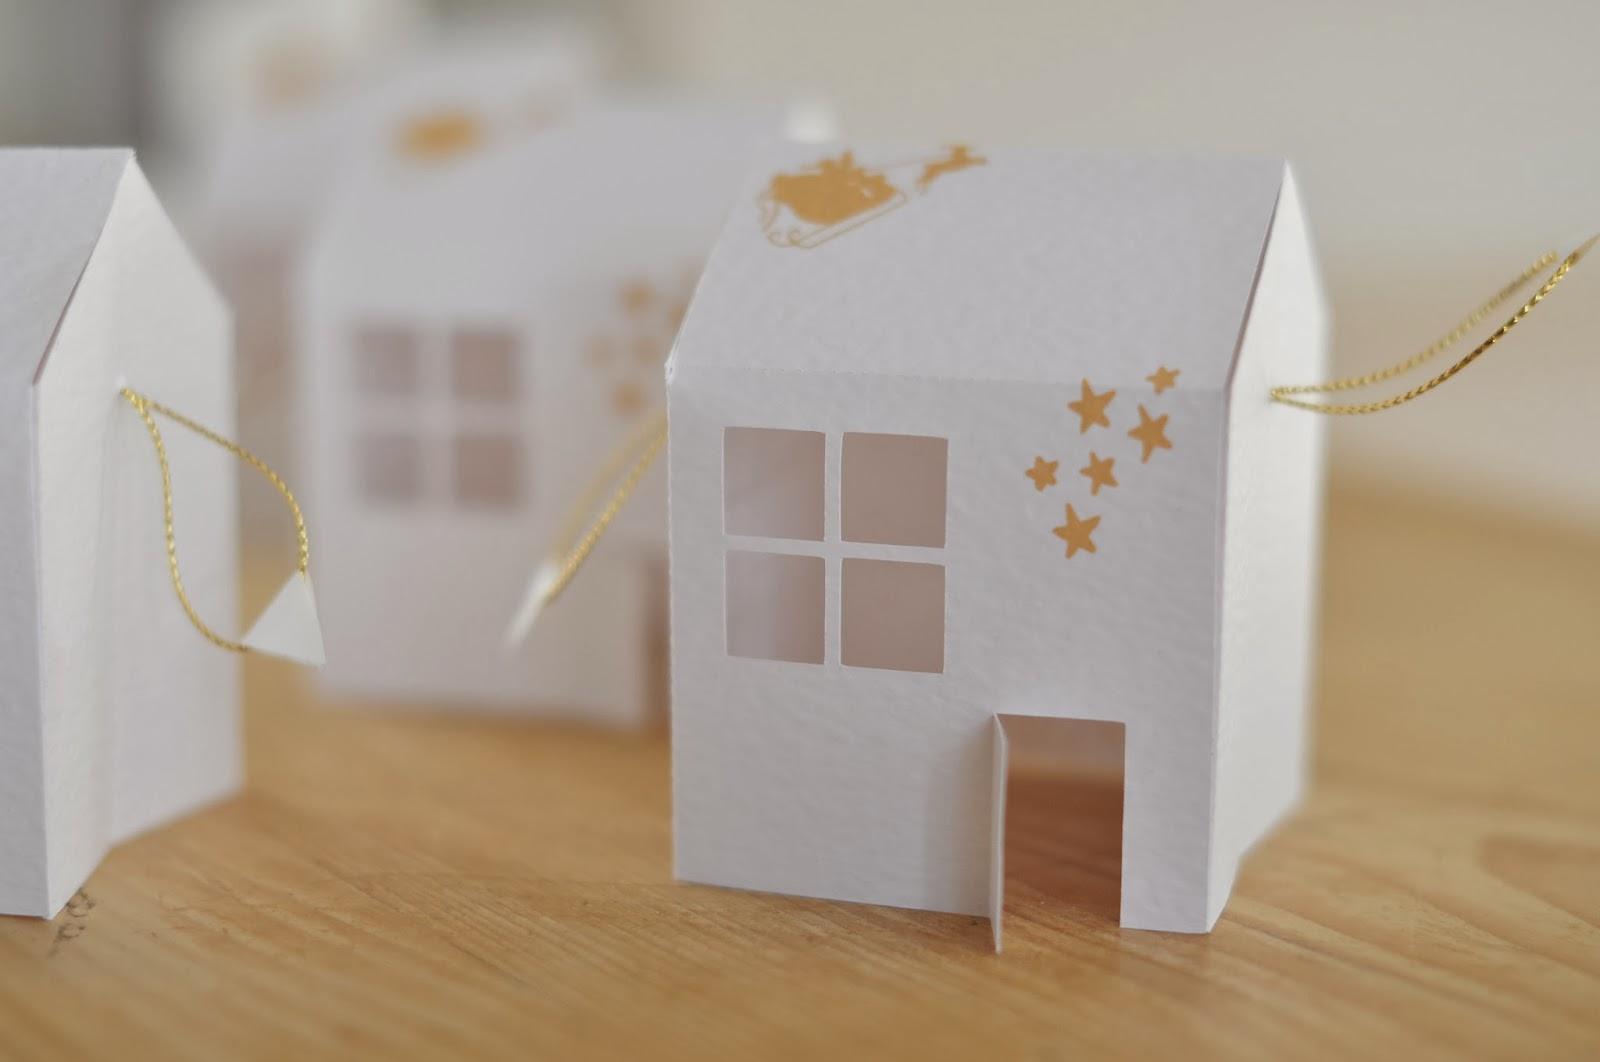 l 39 art de la curiosit classic pr parer no l 3 une maison pop up comme carte de v ux. Black Bedroom Furniture Sets. Home Design Ideas